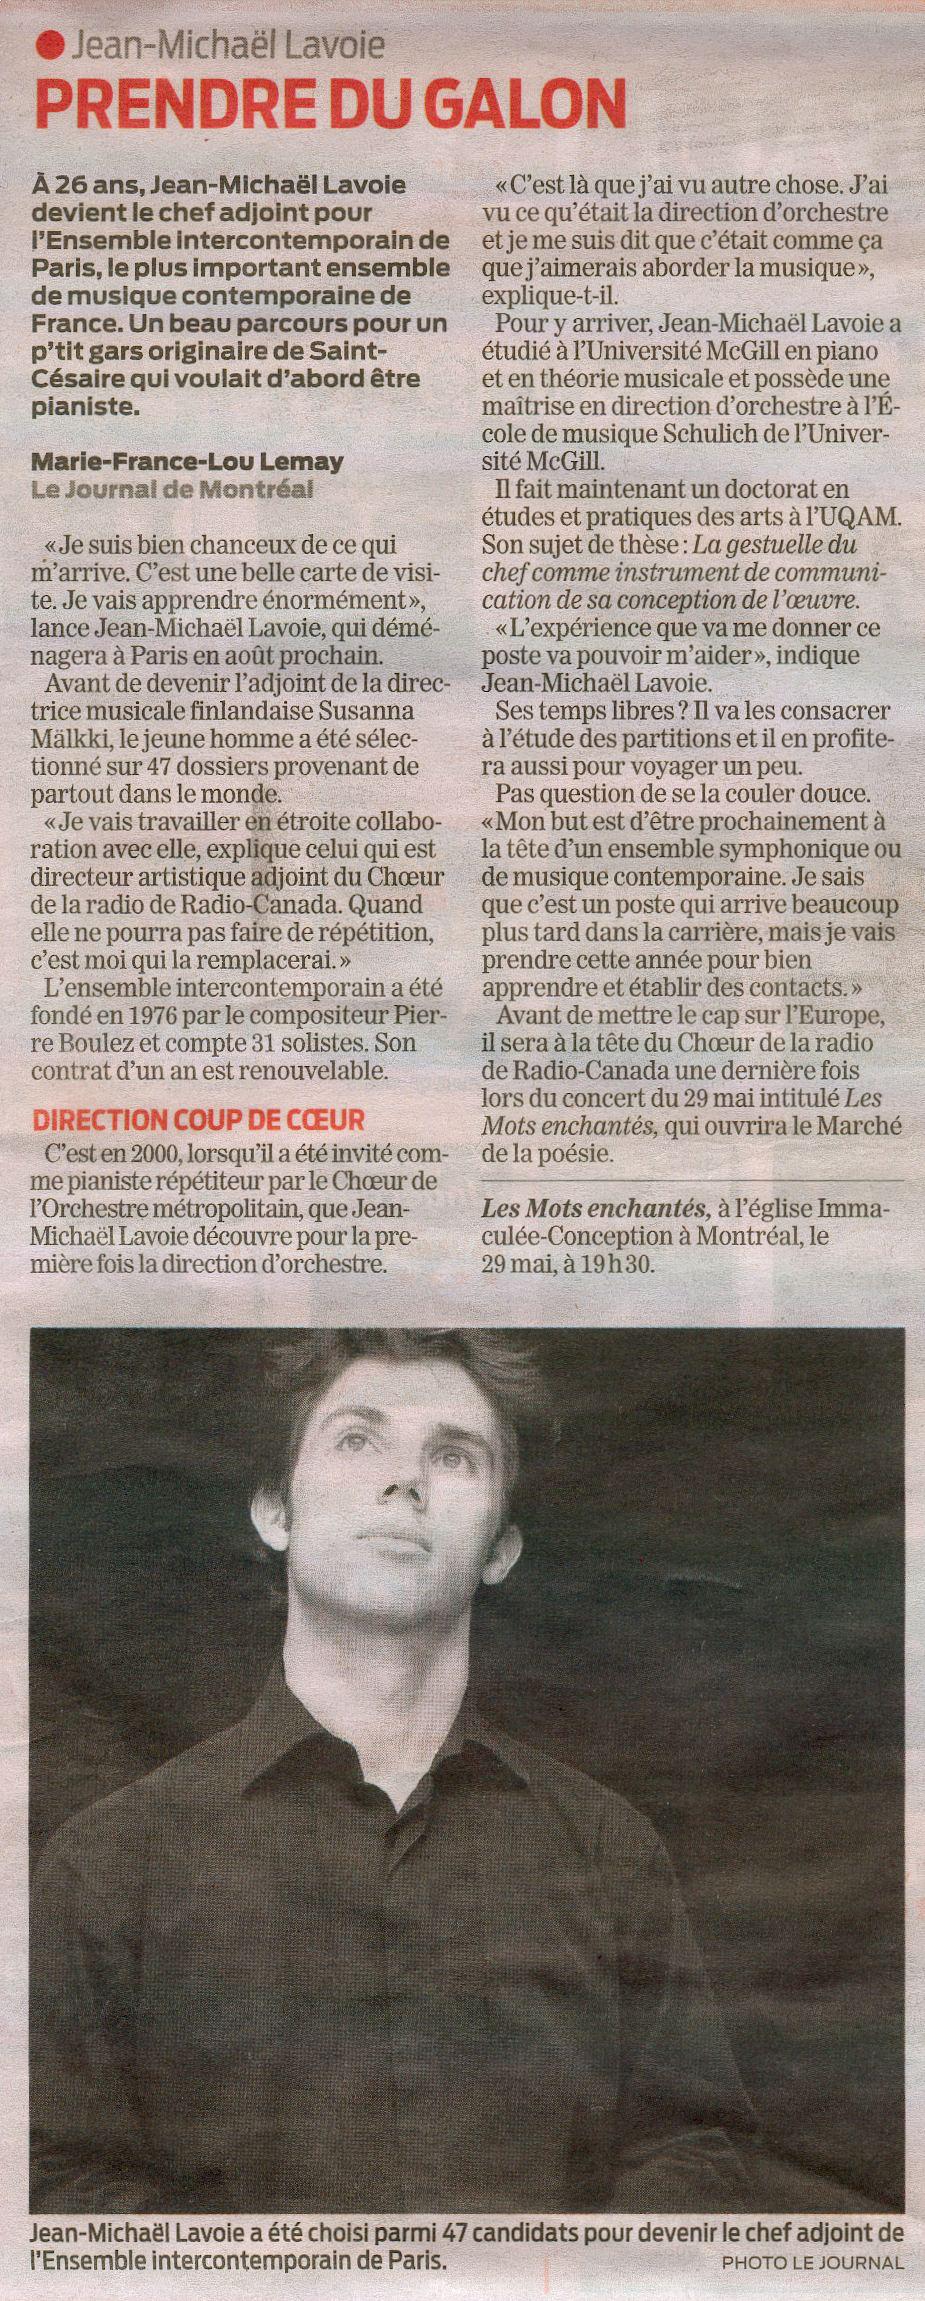 Journal de Montréal (2008)